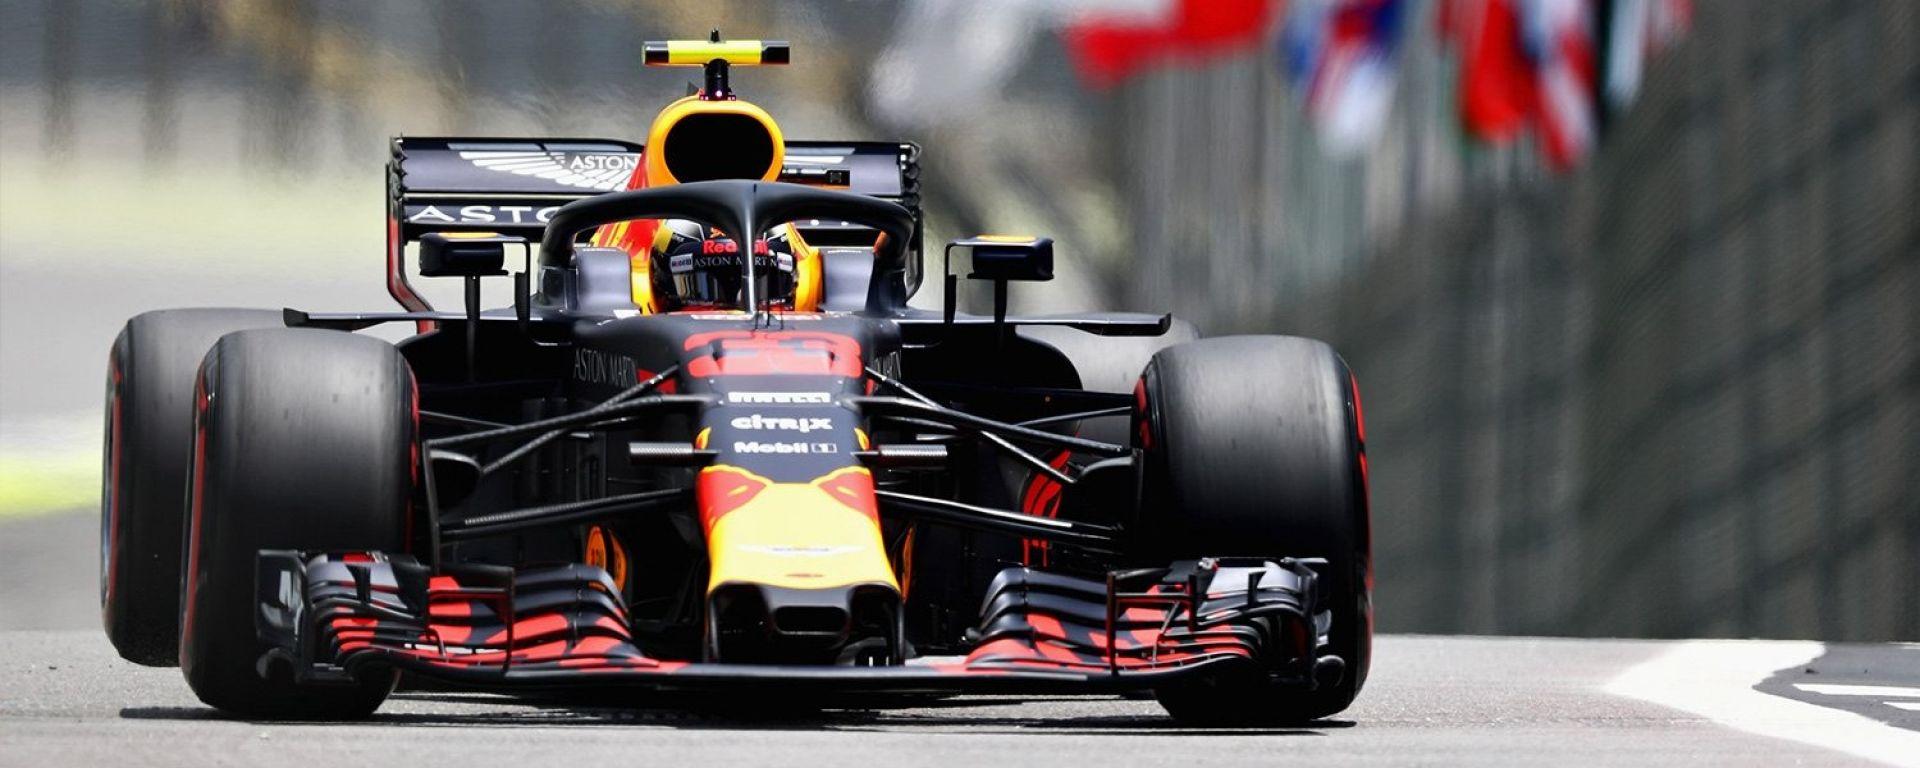 GP Brasile 2018, Max Verstappen in azione con la sua Red Bull